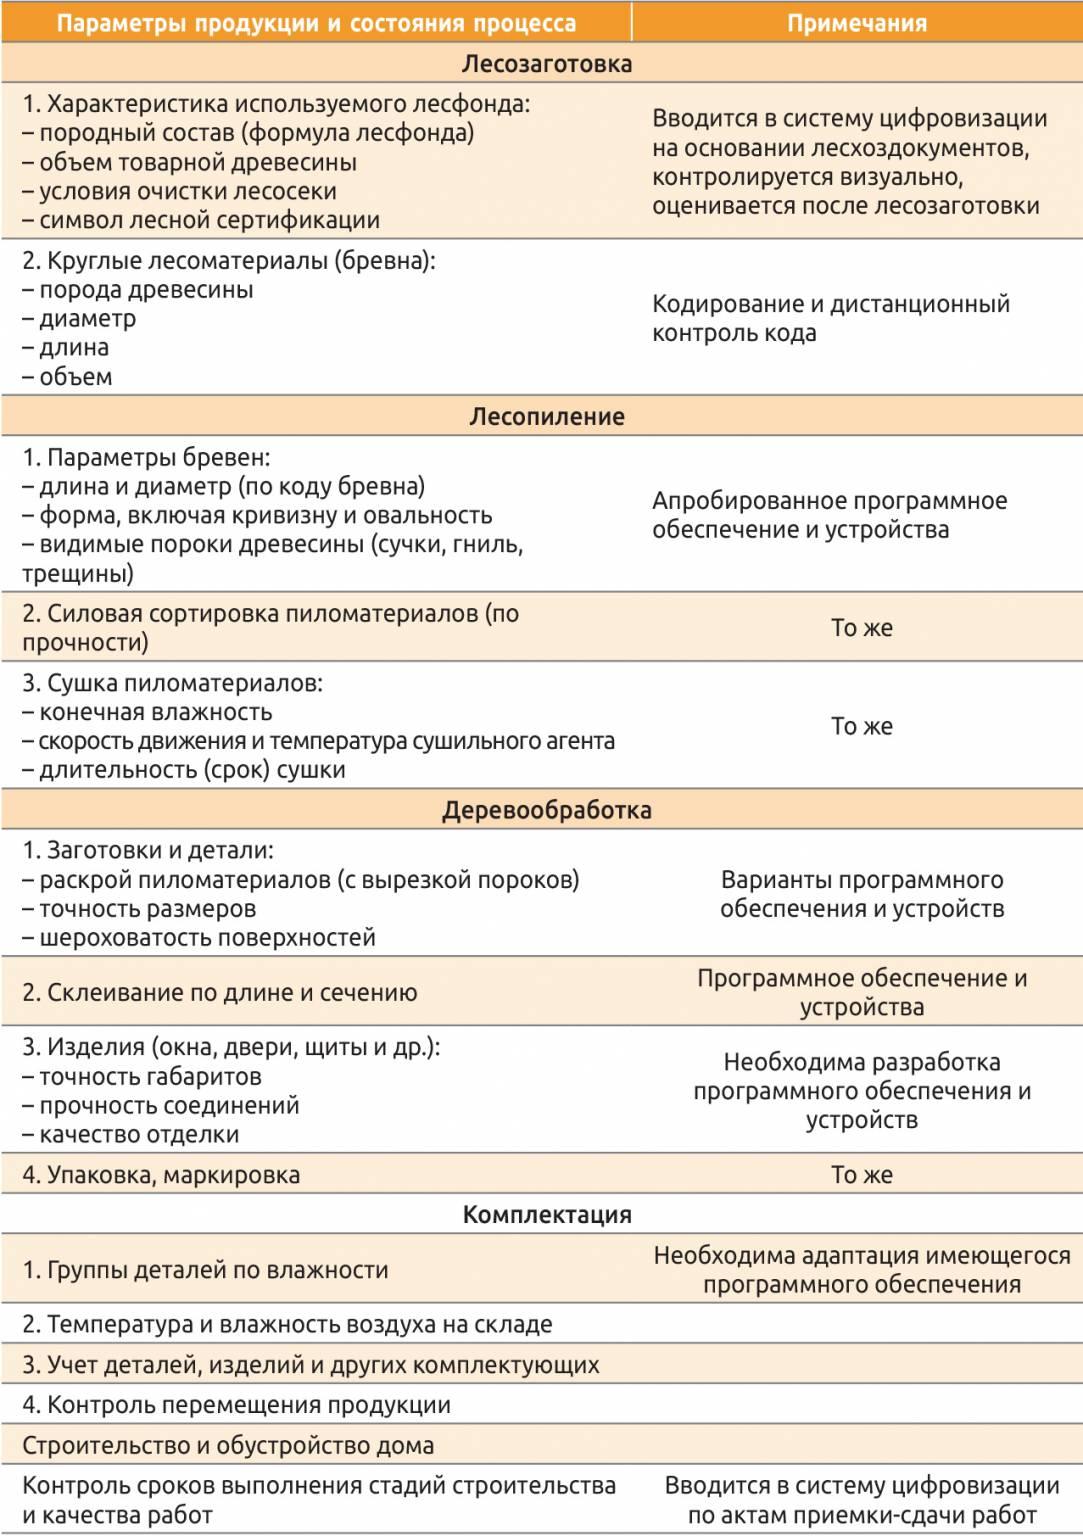 Таблица 1. Основные контролируемые параметры продукции и состояния процесса